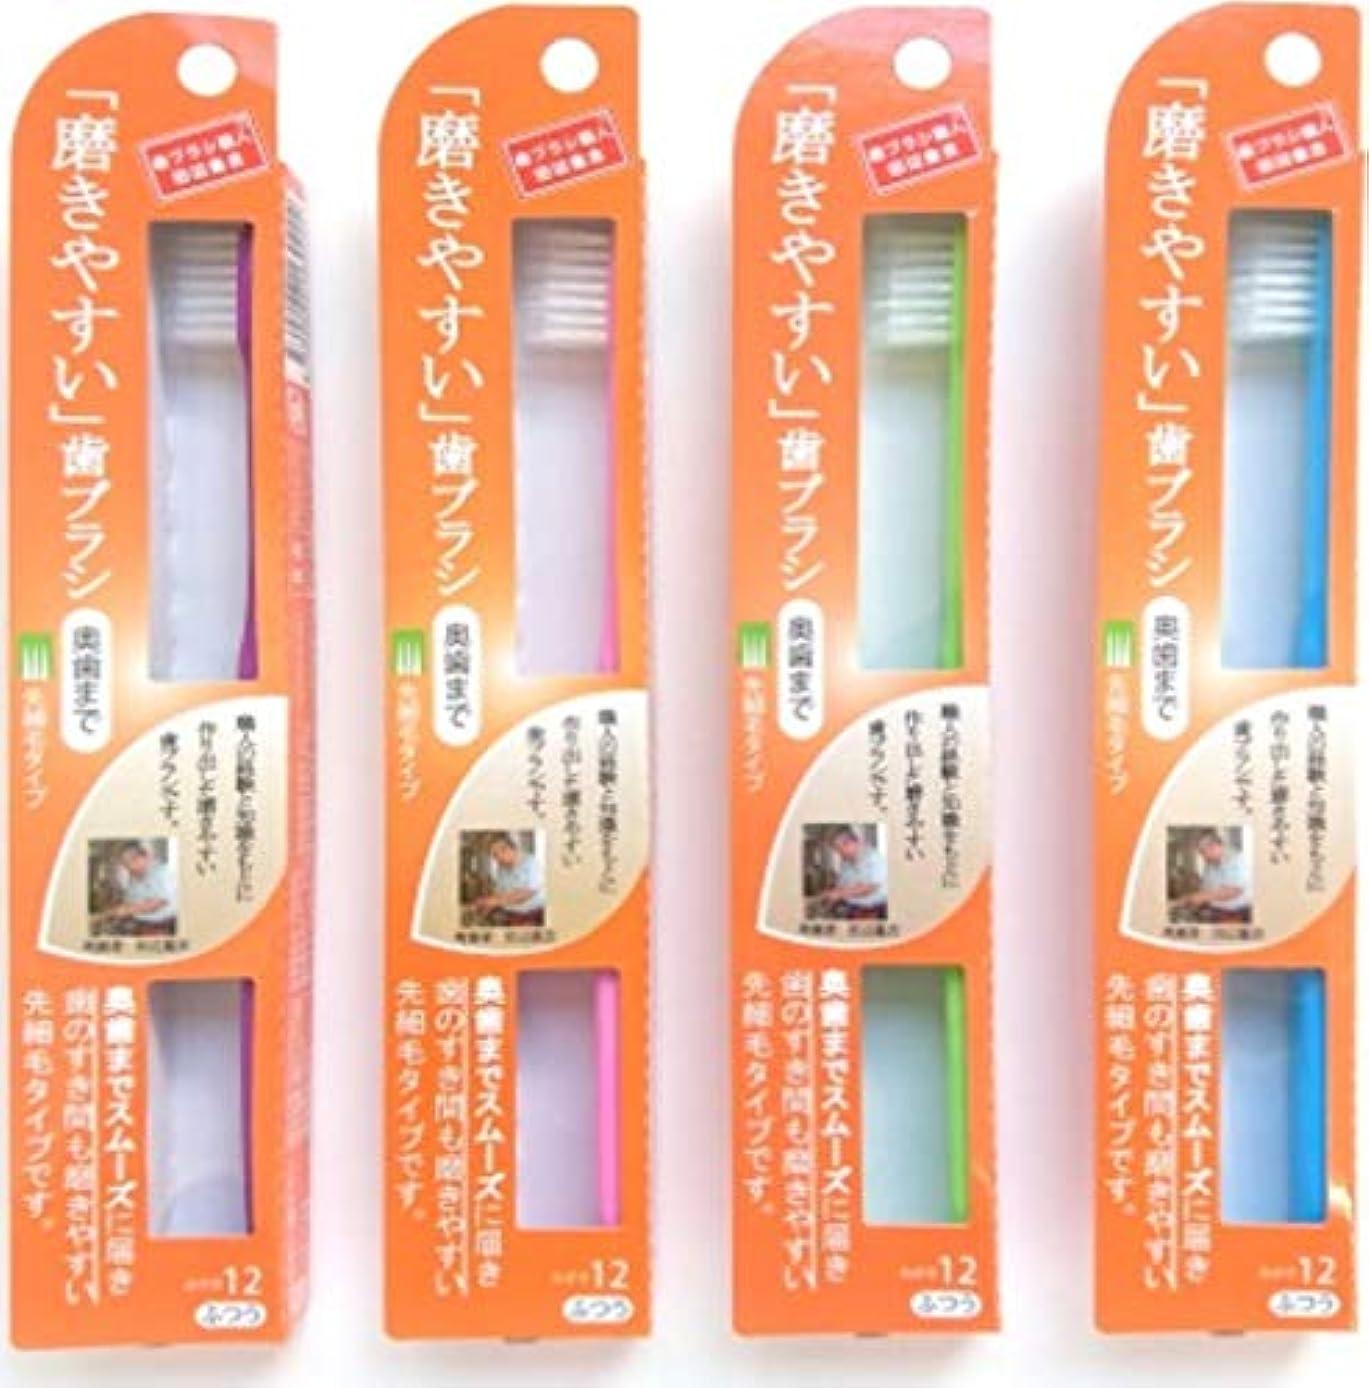 インスタントまろやかな質素な磨きやすい歯ブラシ(奥歯まで)先細 1P* 24本入り(LT12)